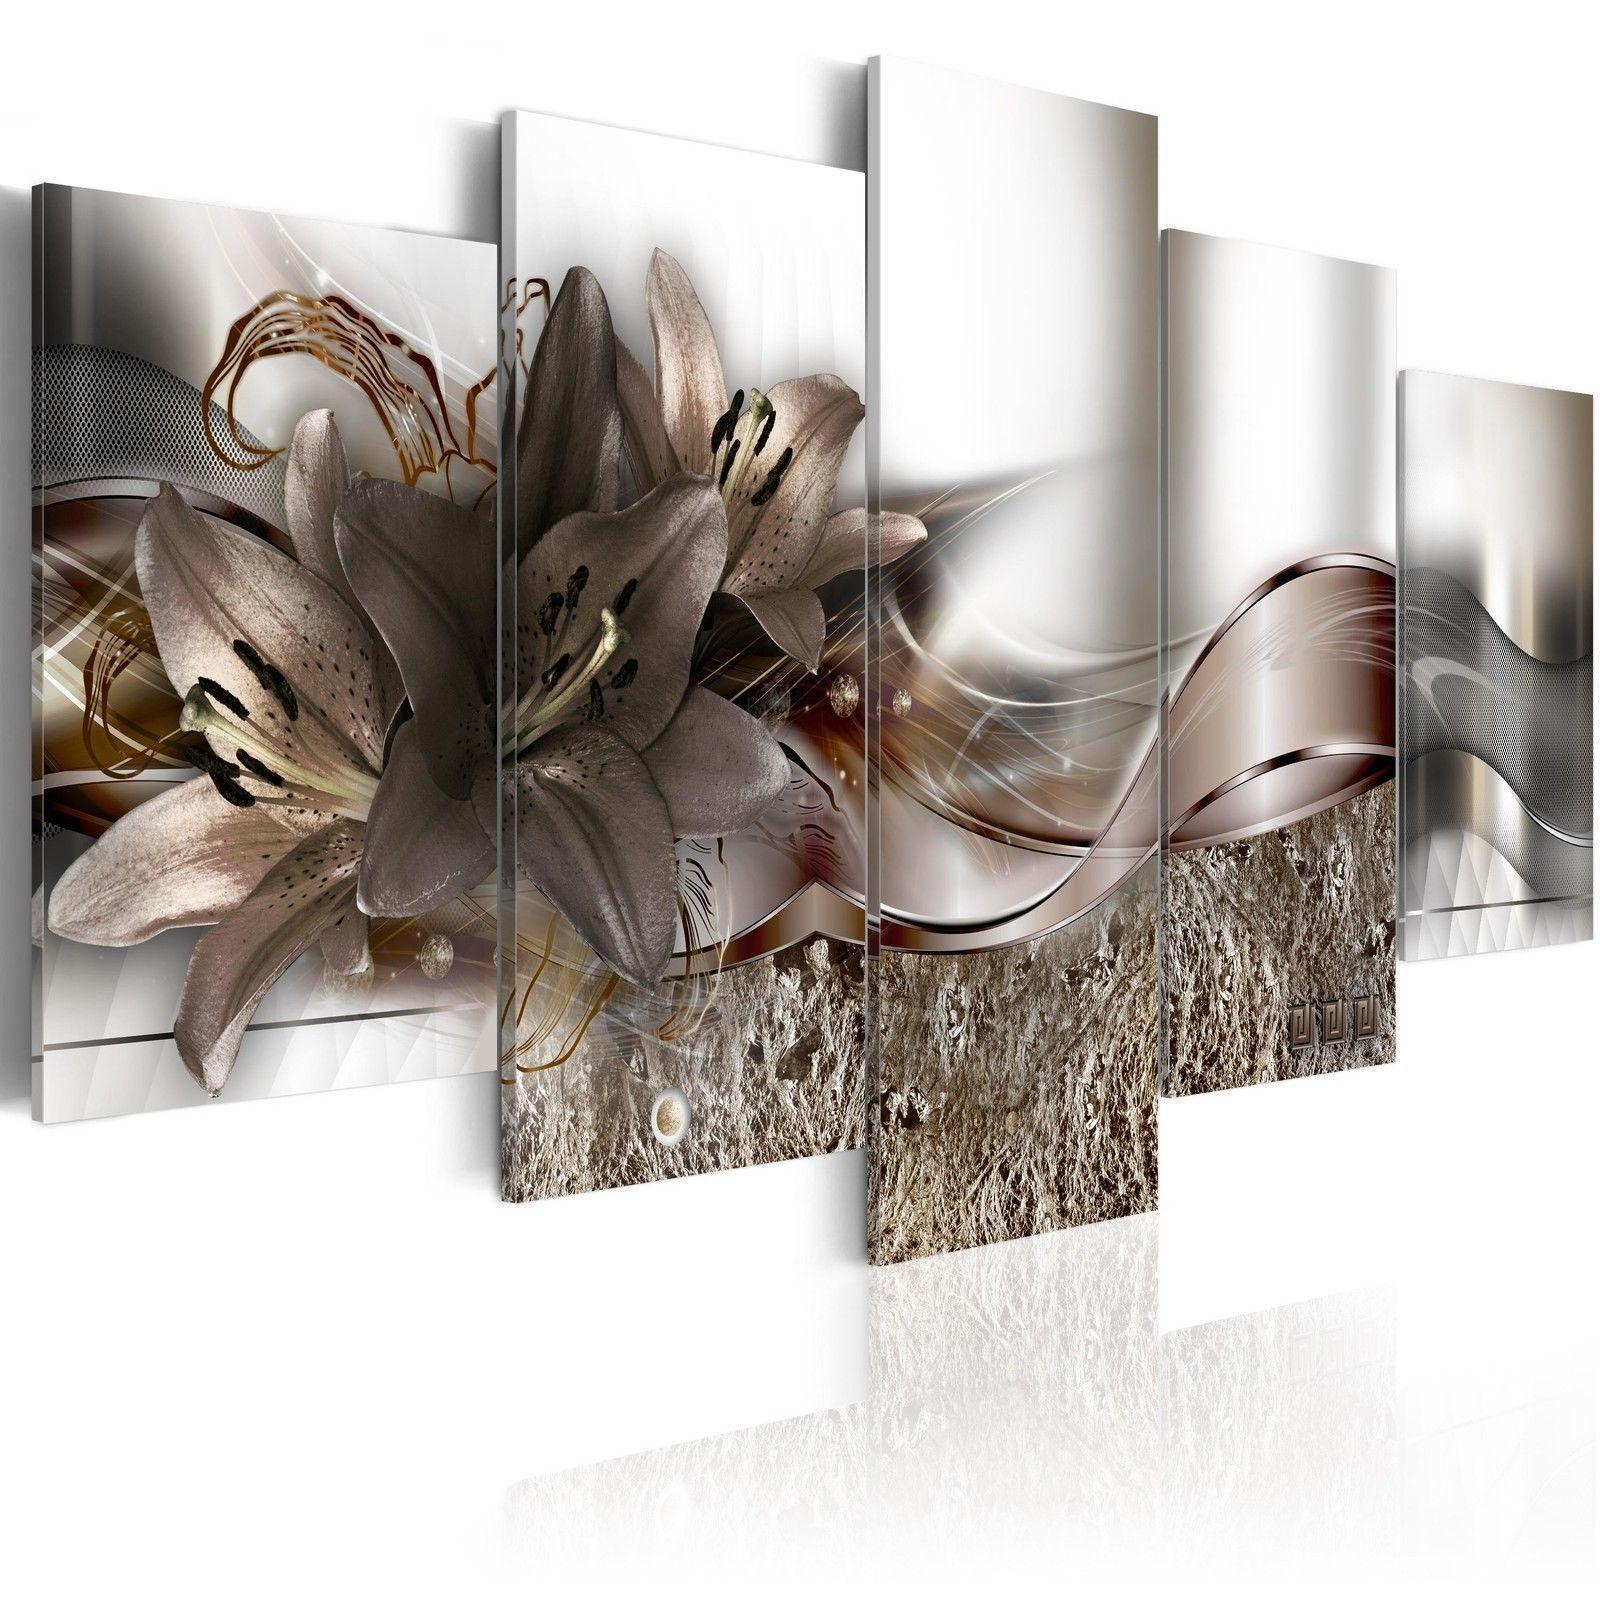 5ПанелиБольшиеАбстрактныеЦветыПечать Картины Холст Стены Картины Картины Картины без рисунка для Домашних Украшений фото